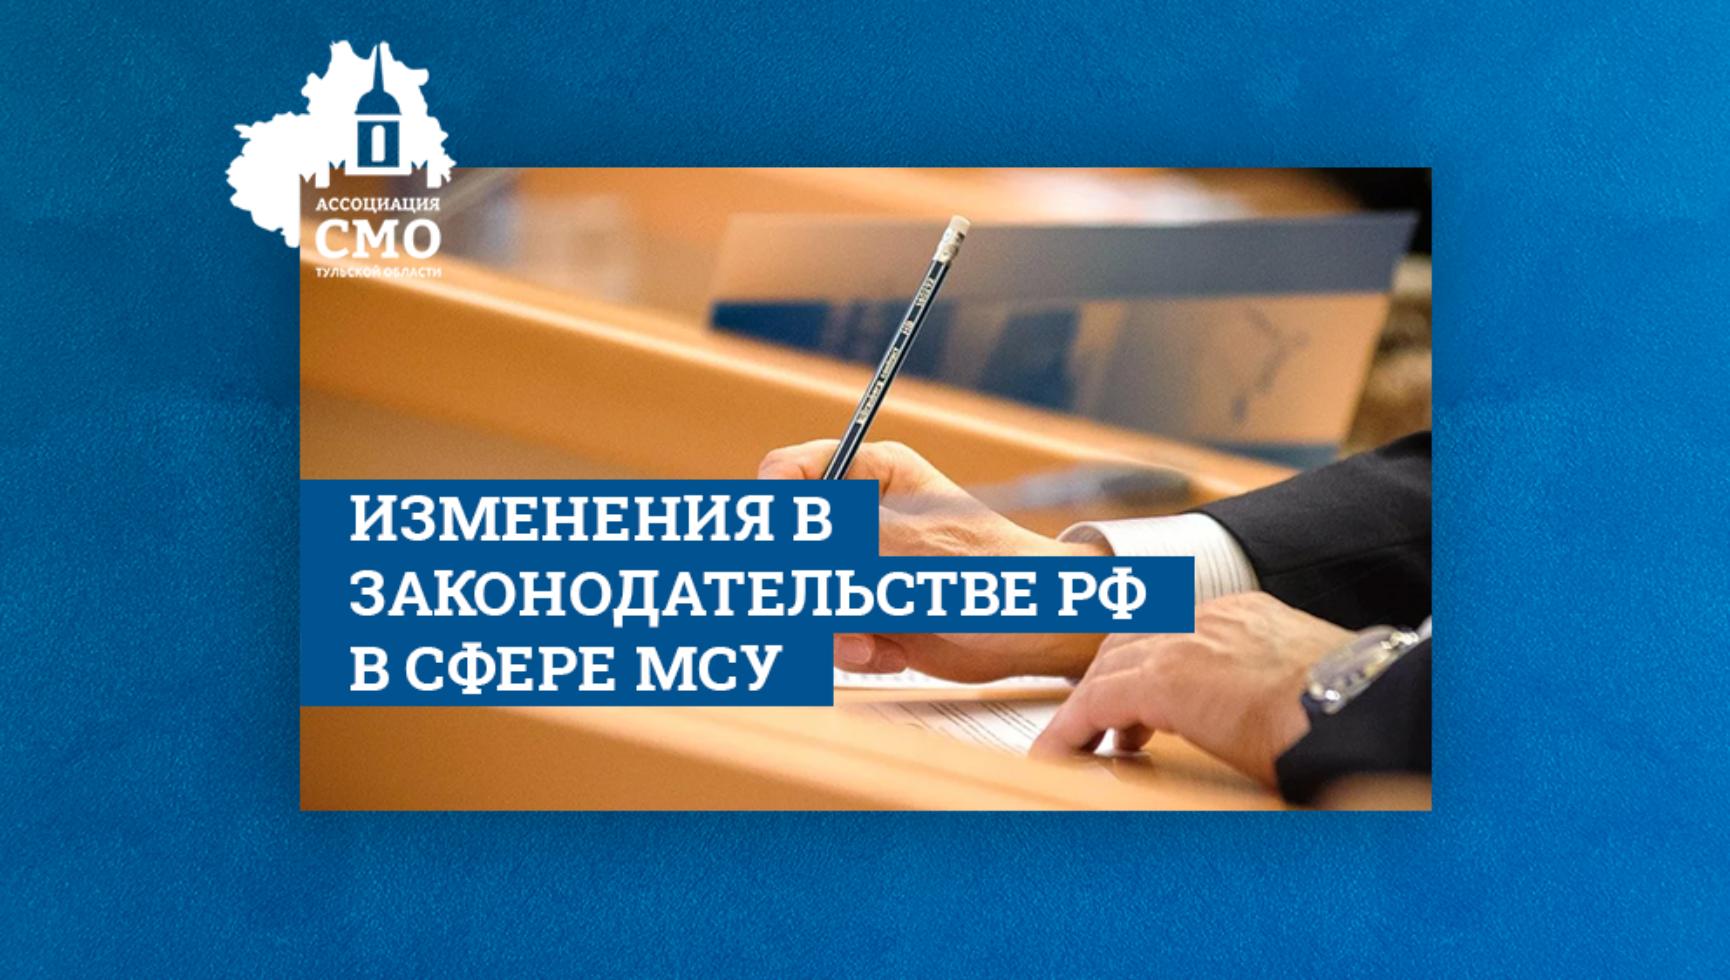 Обзор изменений законодательства РФ  (в сфере местного самоуправления) в период с 13 по 20 апреля